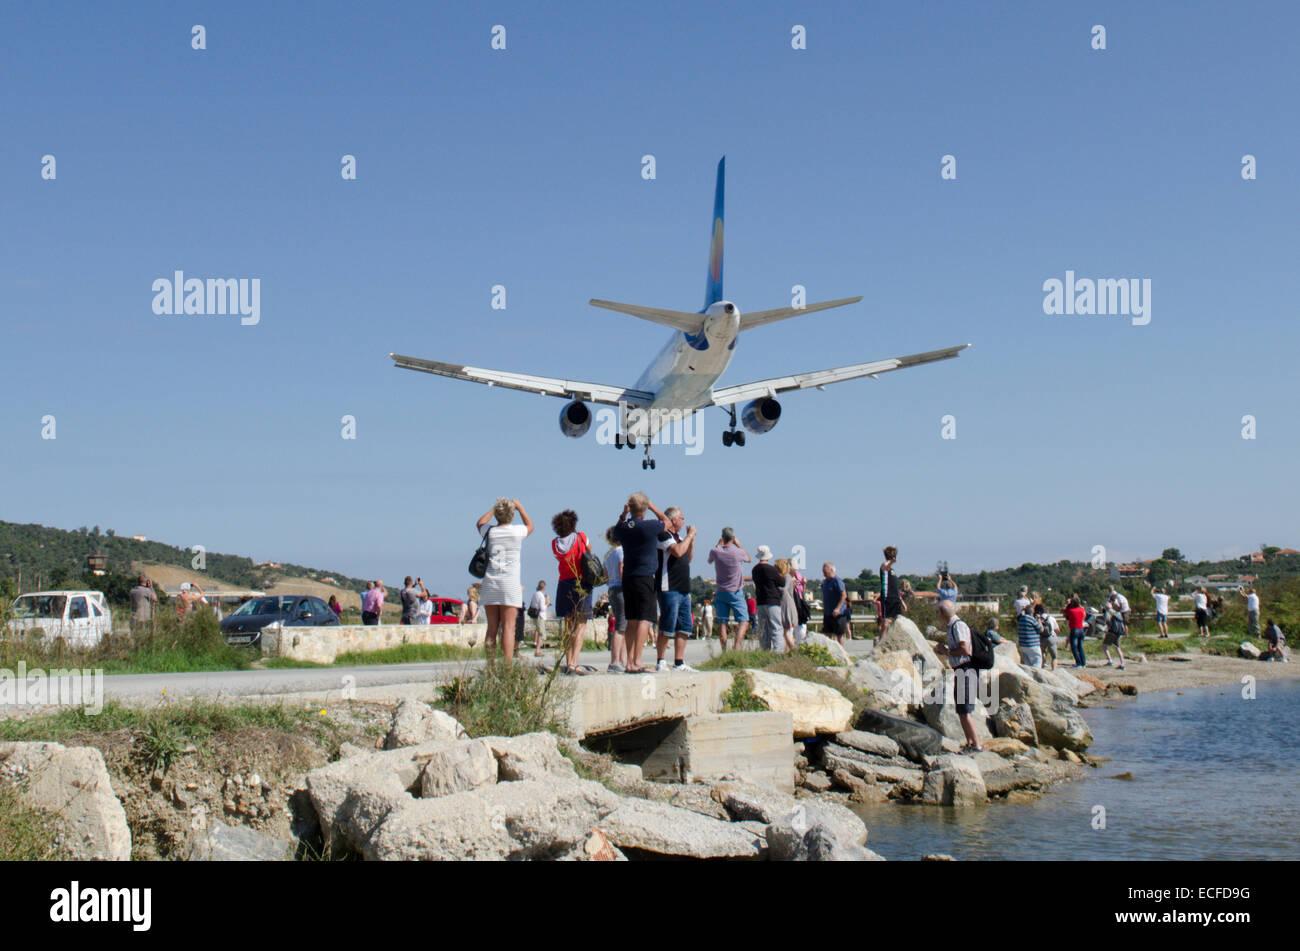 Aeroporto Skiathos : Plane landing on the runway at skiathos airport sliathos